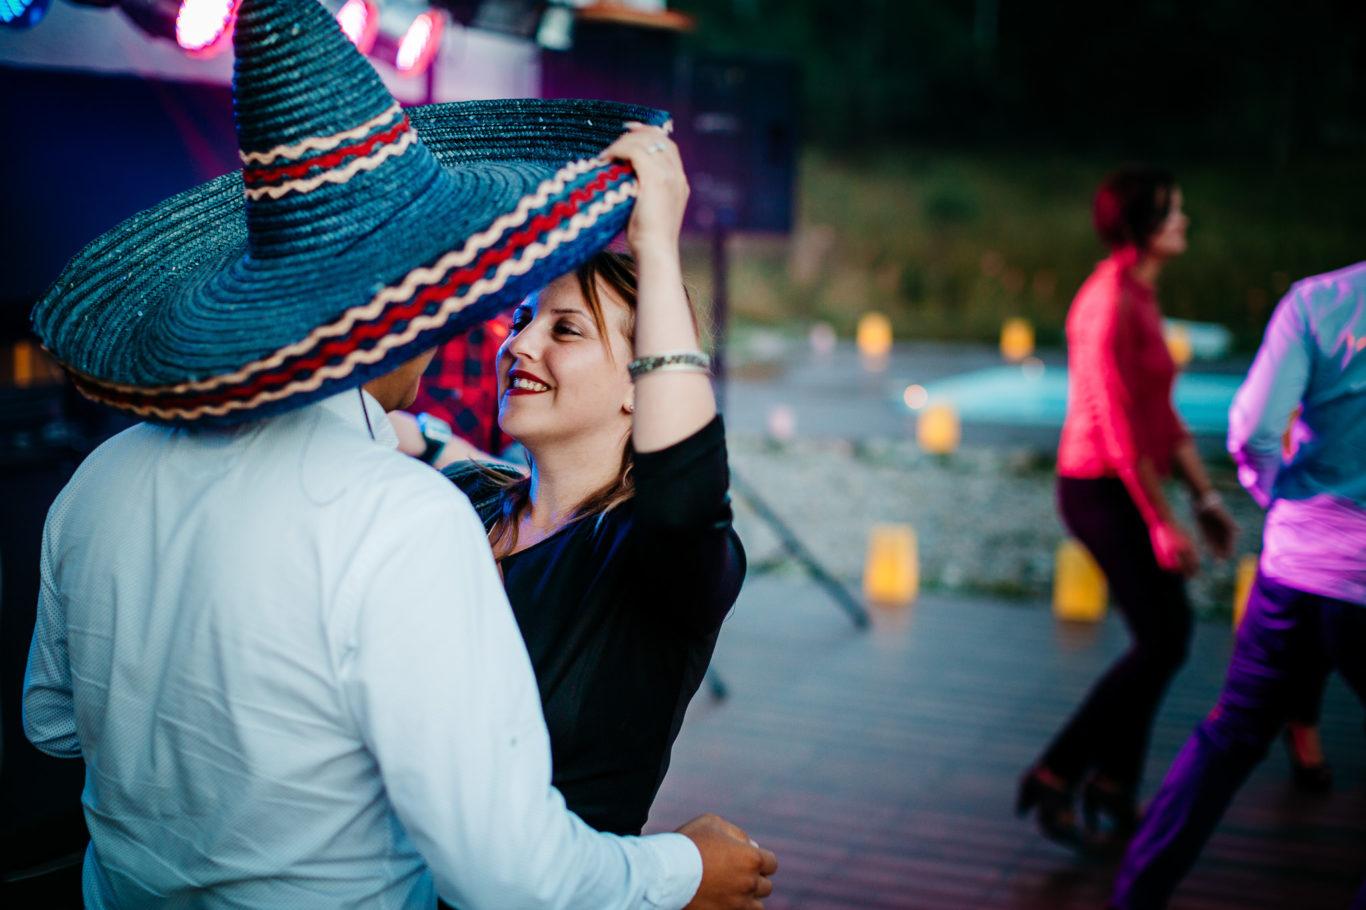 0557-fotografie-nunta-valea-de-pesti-vero-dani-fotograf-ciprian-dumitrescu-dc1_1444